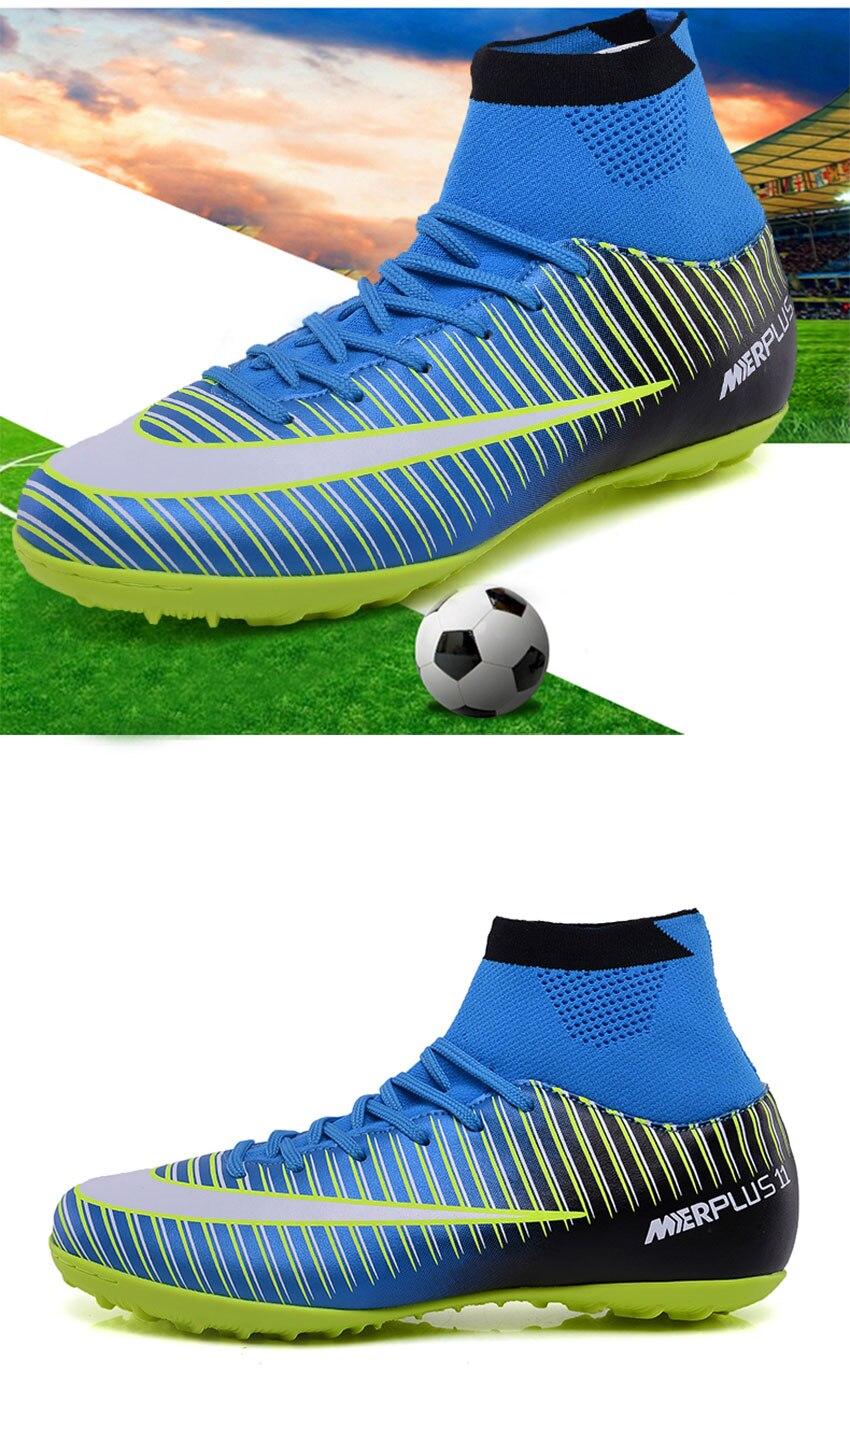 ... de cohechar un Zapatillas de fútbol profesionales hombres mujeres  césped fútbol zapatillas de interior Superfly Futsal Original entrenamiento  botas de ... f553481c1aca4